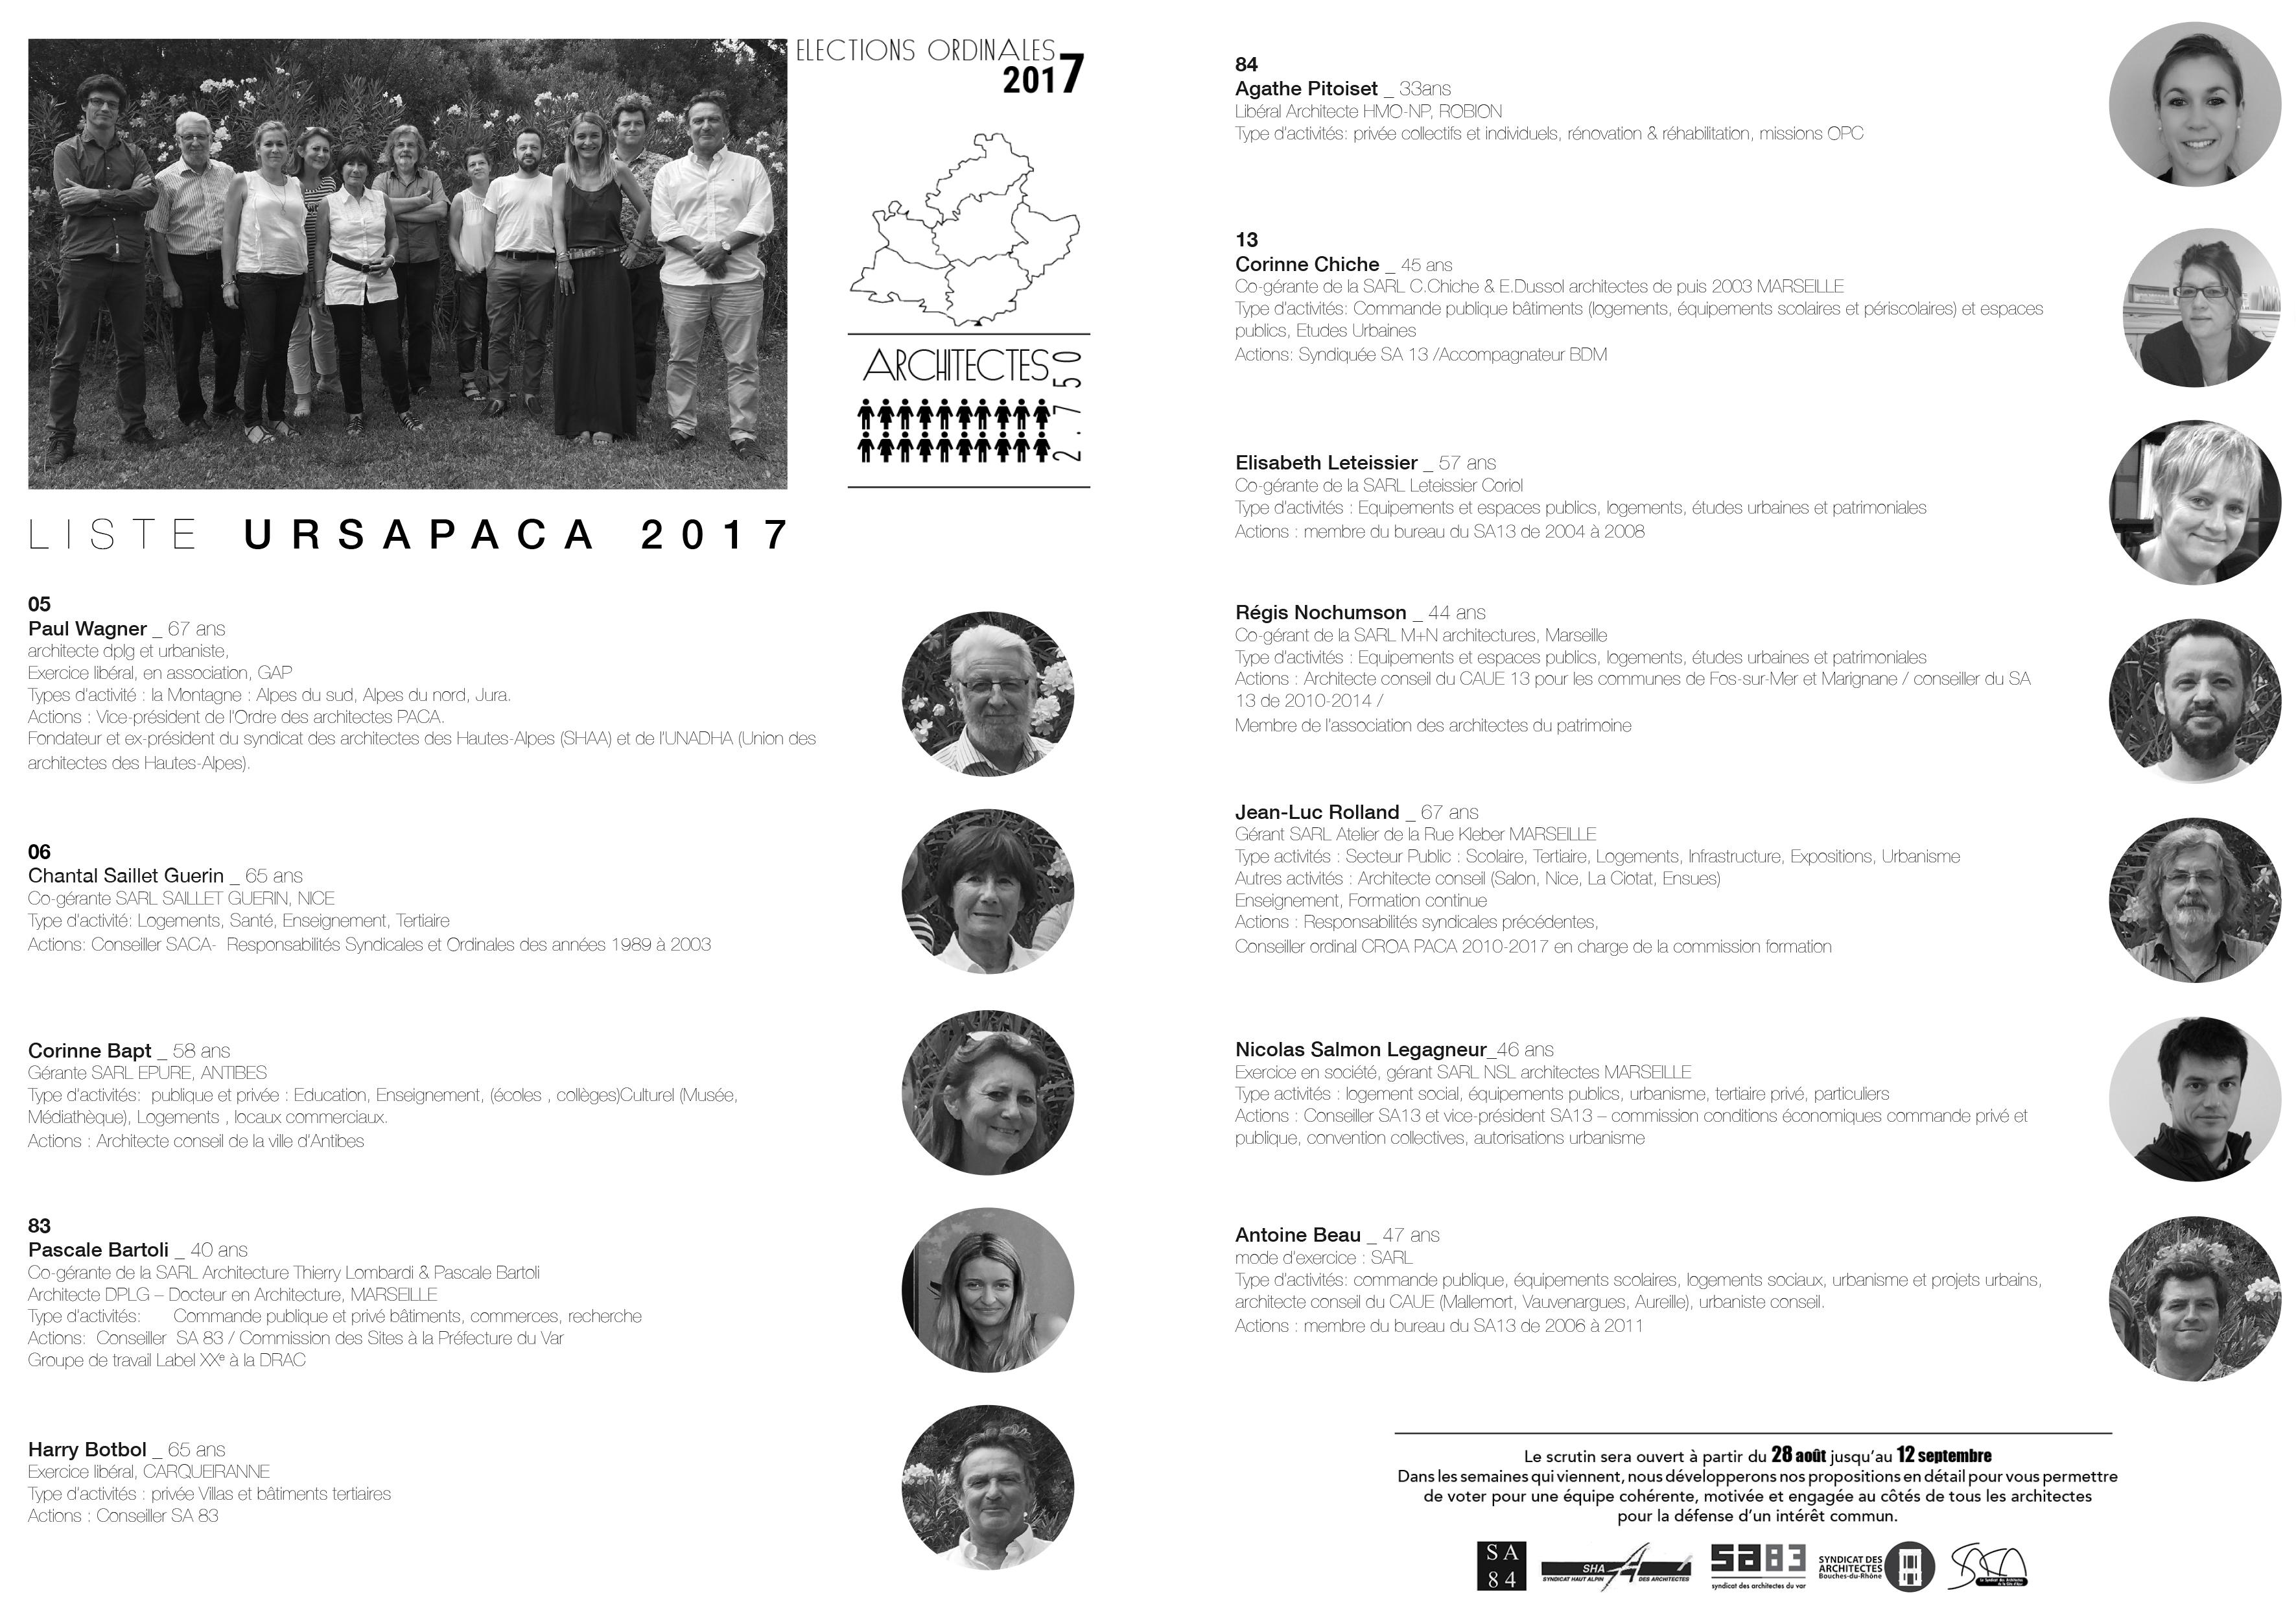 Liste Ordre Des Architectes présentation de la liste ursapaca aux Élections ordinales